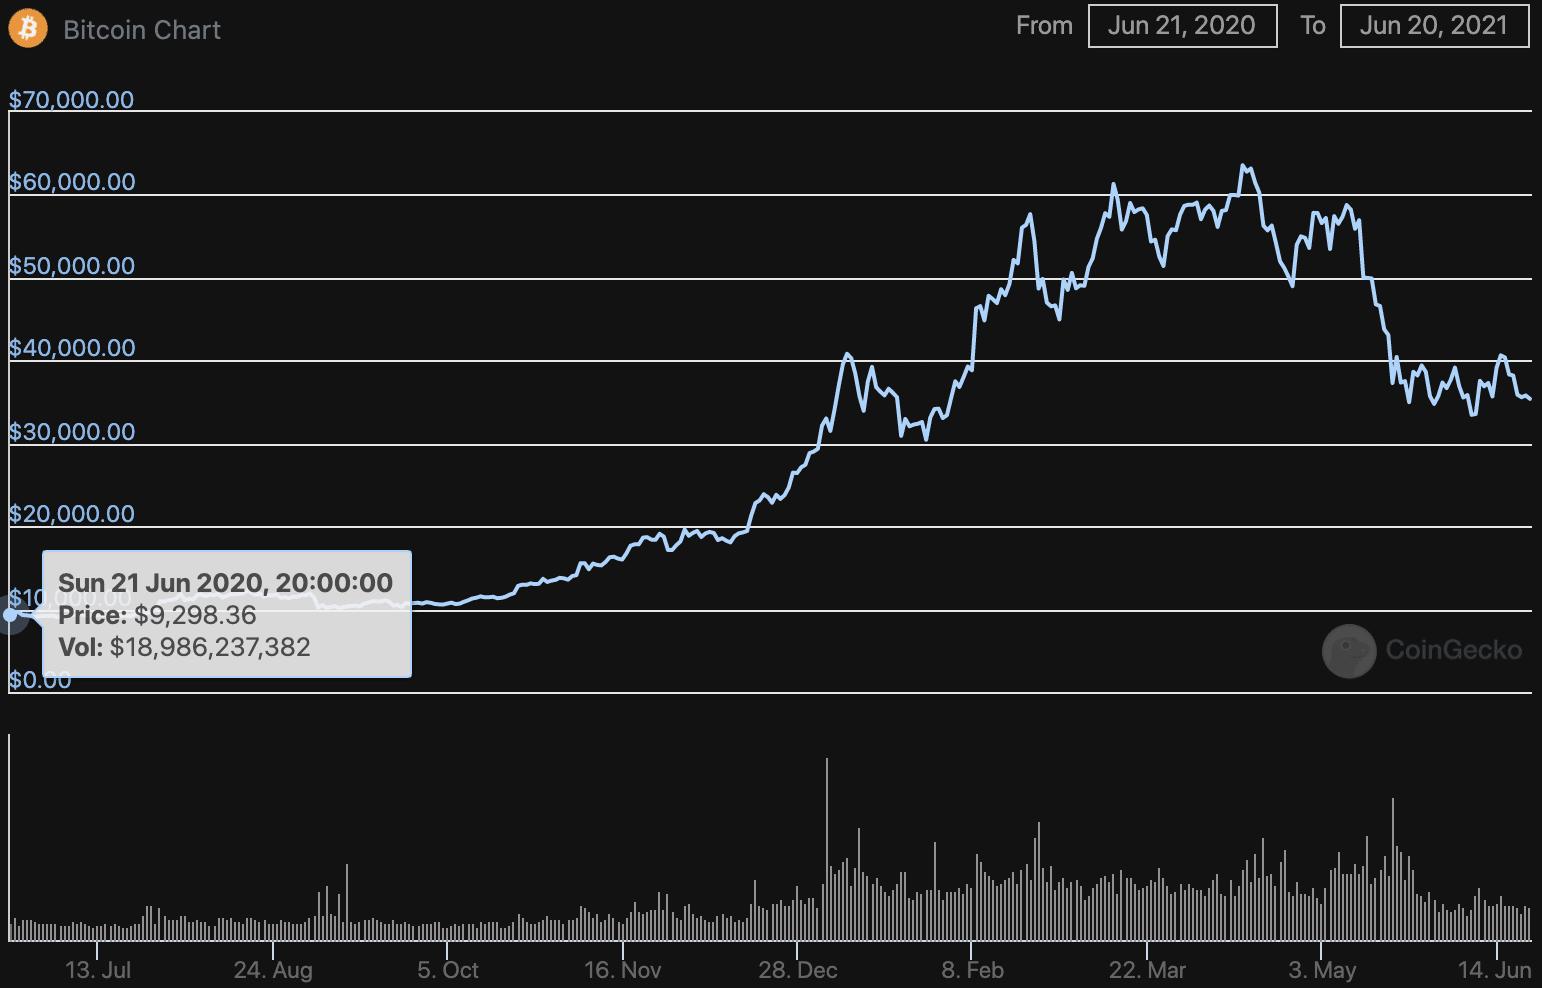 fa il mercato bitcoin vicino